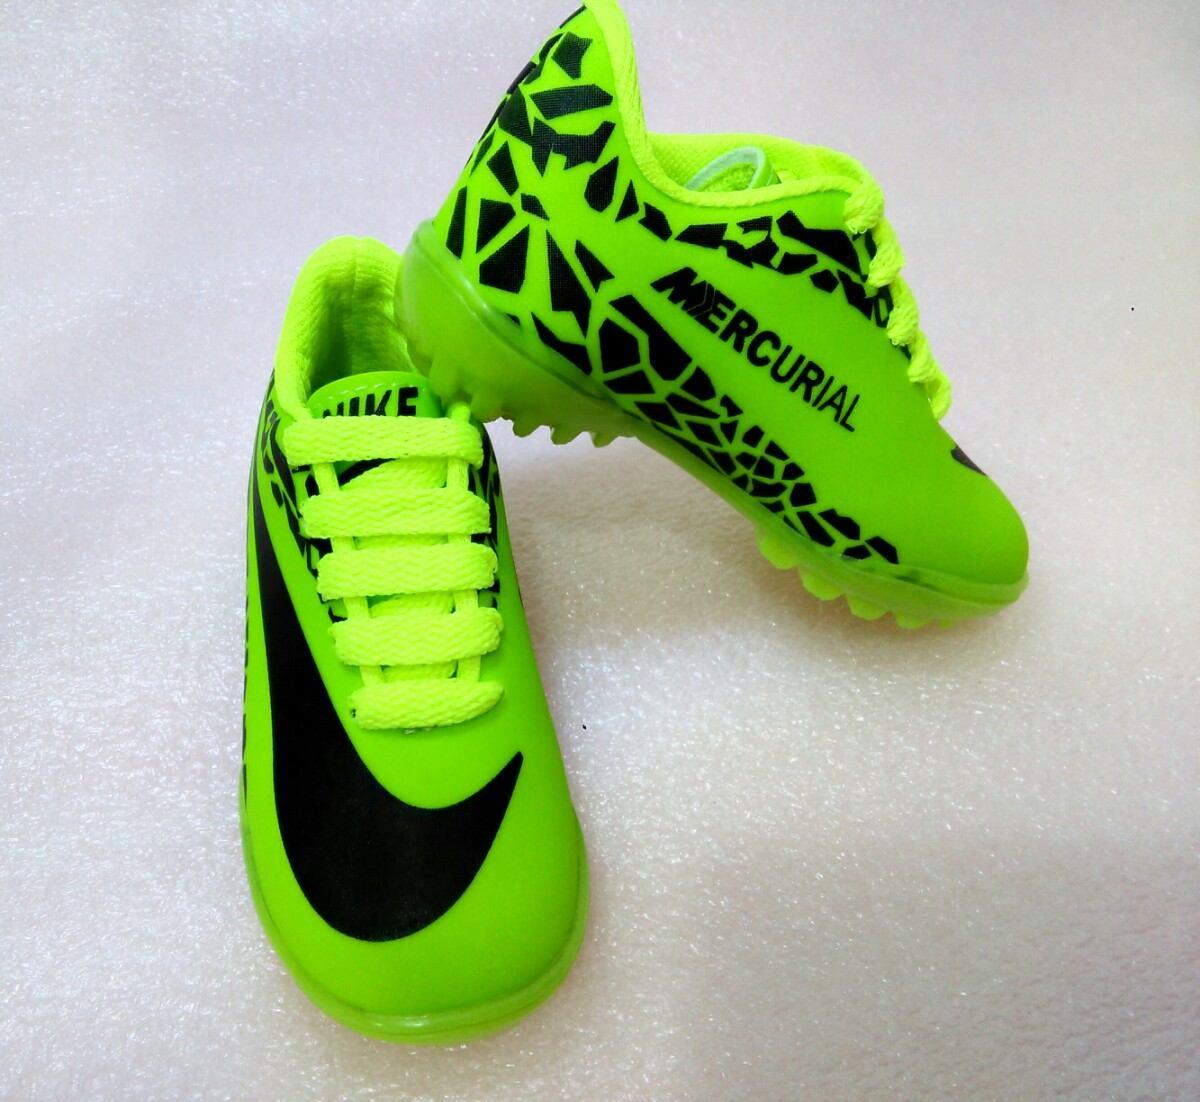 Zapatos deportivos bota guayo para ni os 21 26 bs en mercado libre - Zapateros para ninos ...